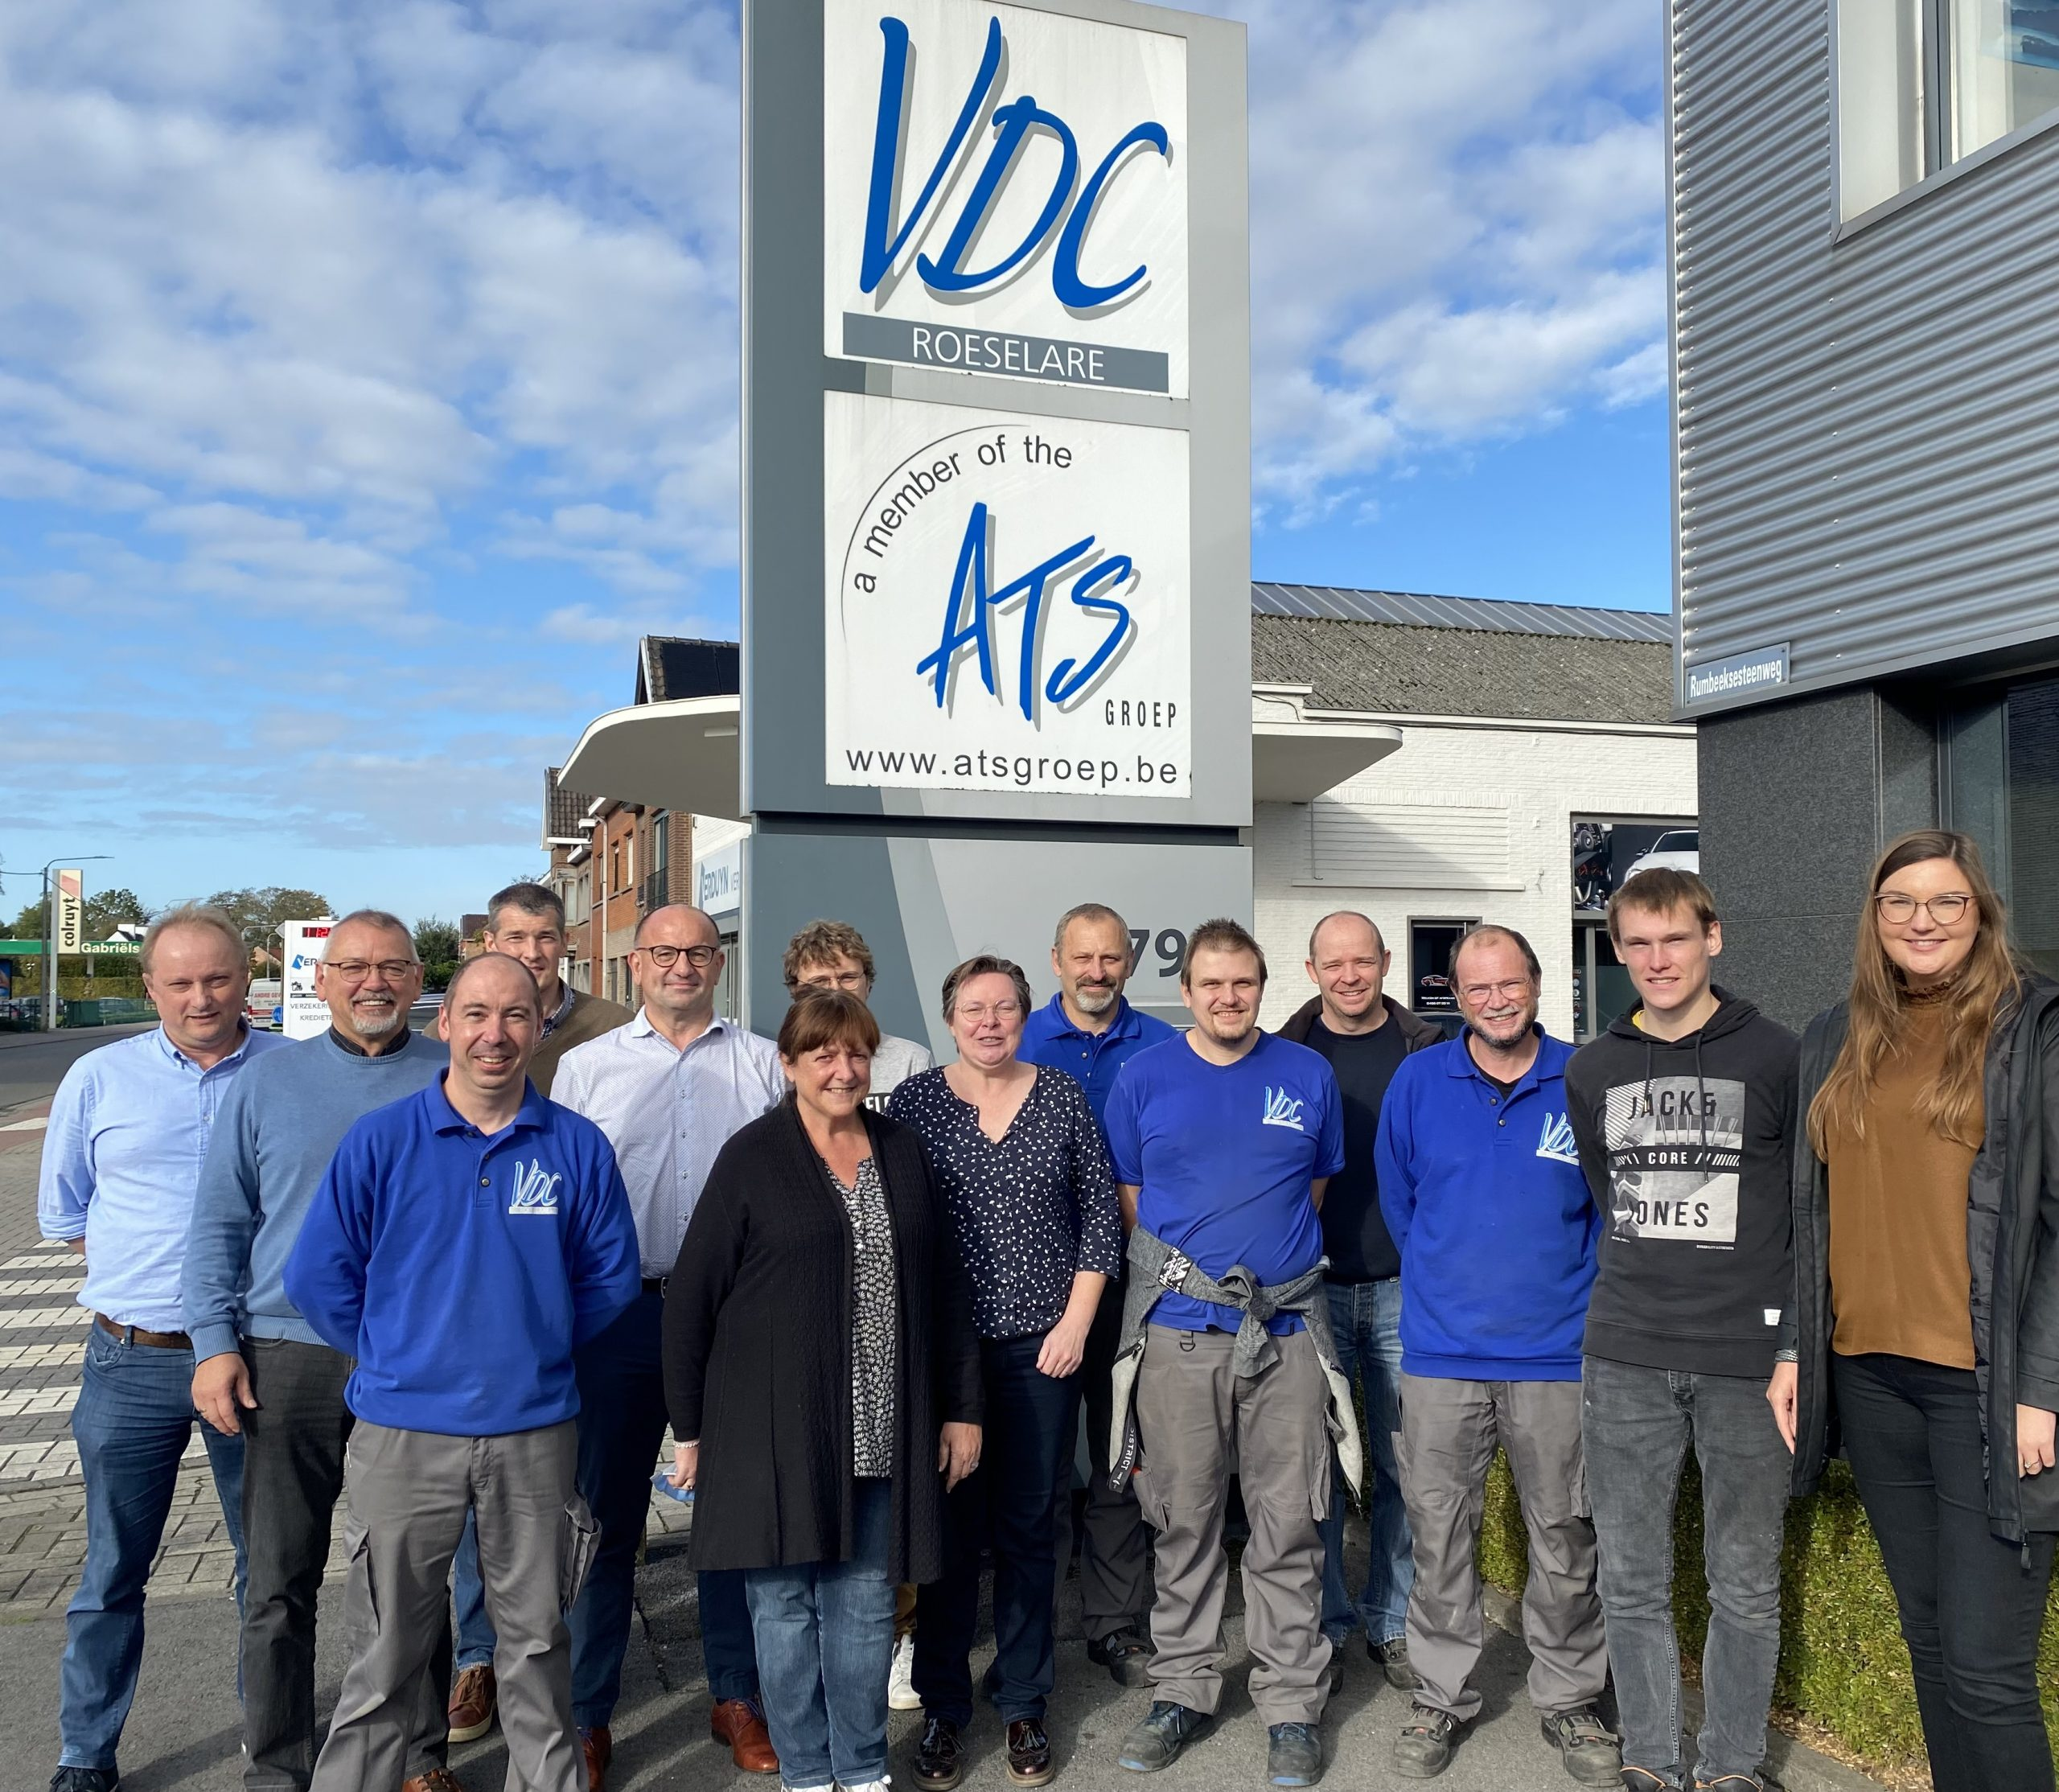 Team VDC Roeselare